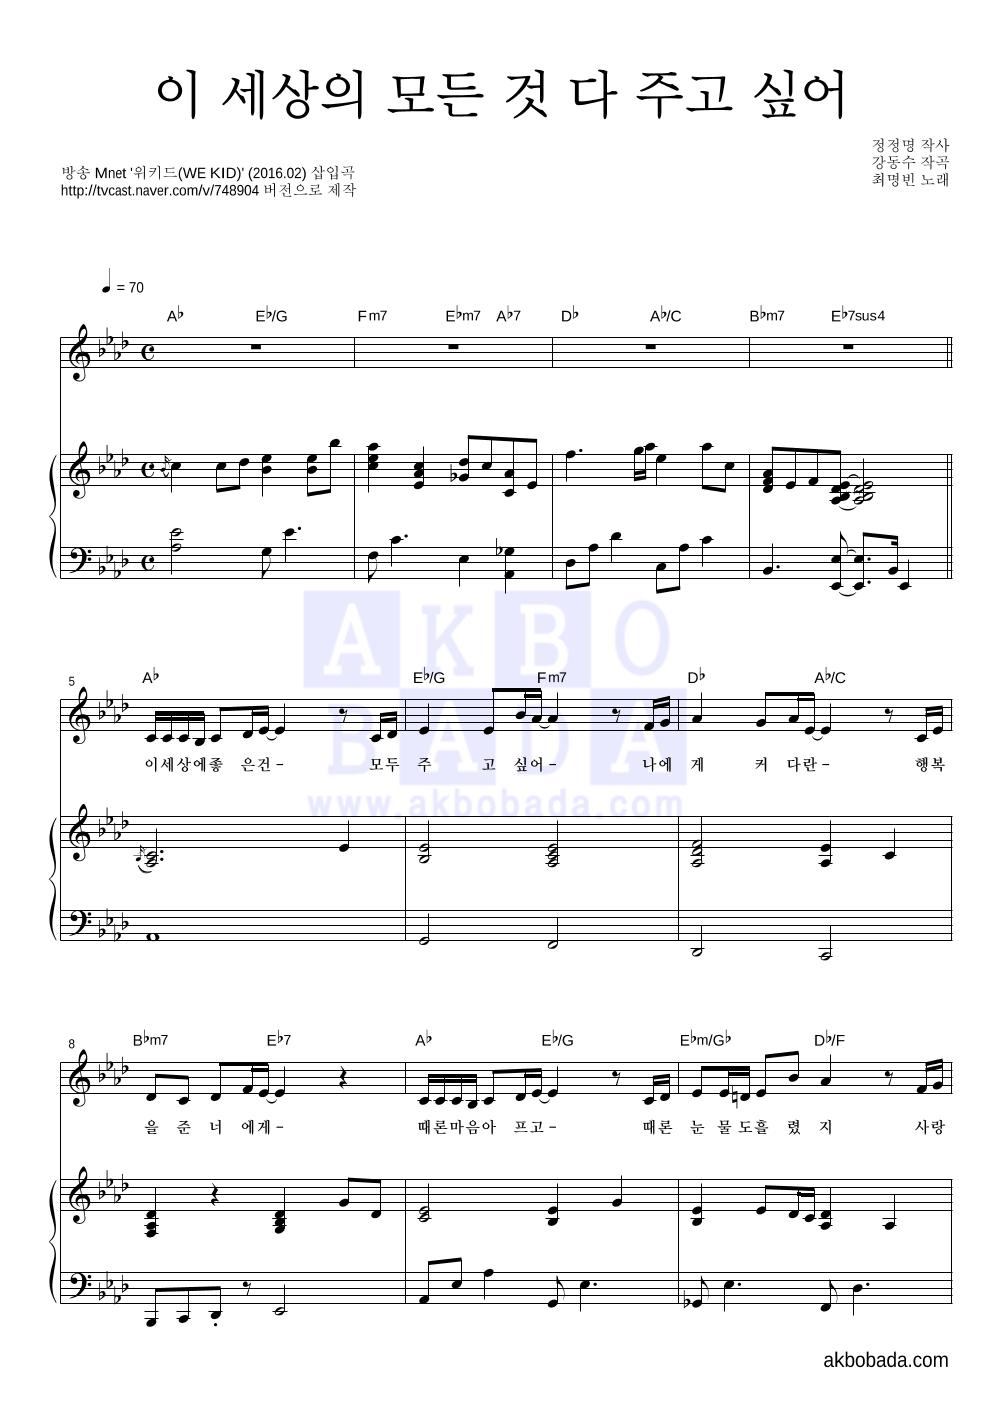 최영빈 - 이 세상의 모든 것 다 주고 싶어 피아노 3단 악보